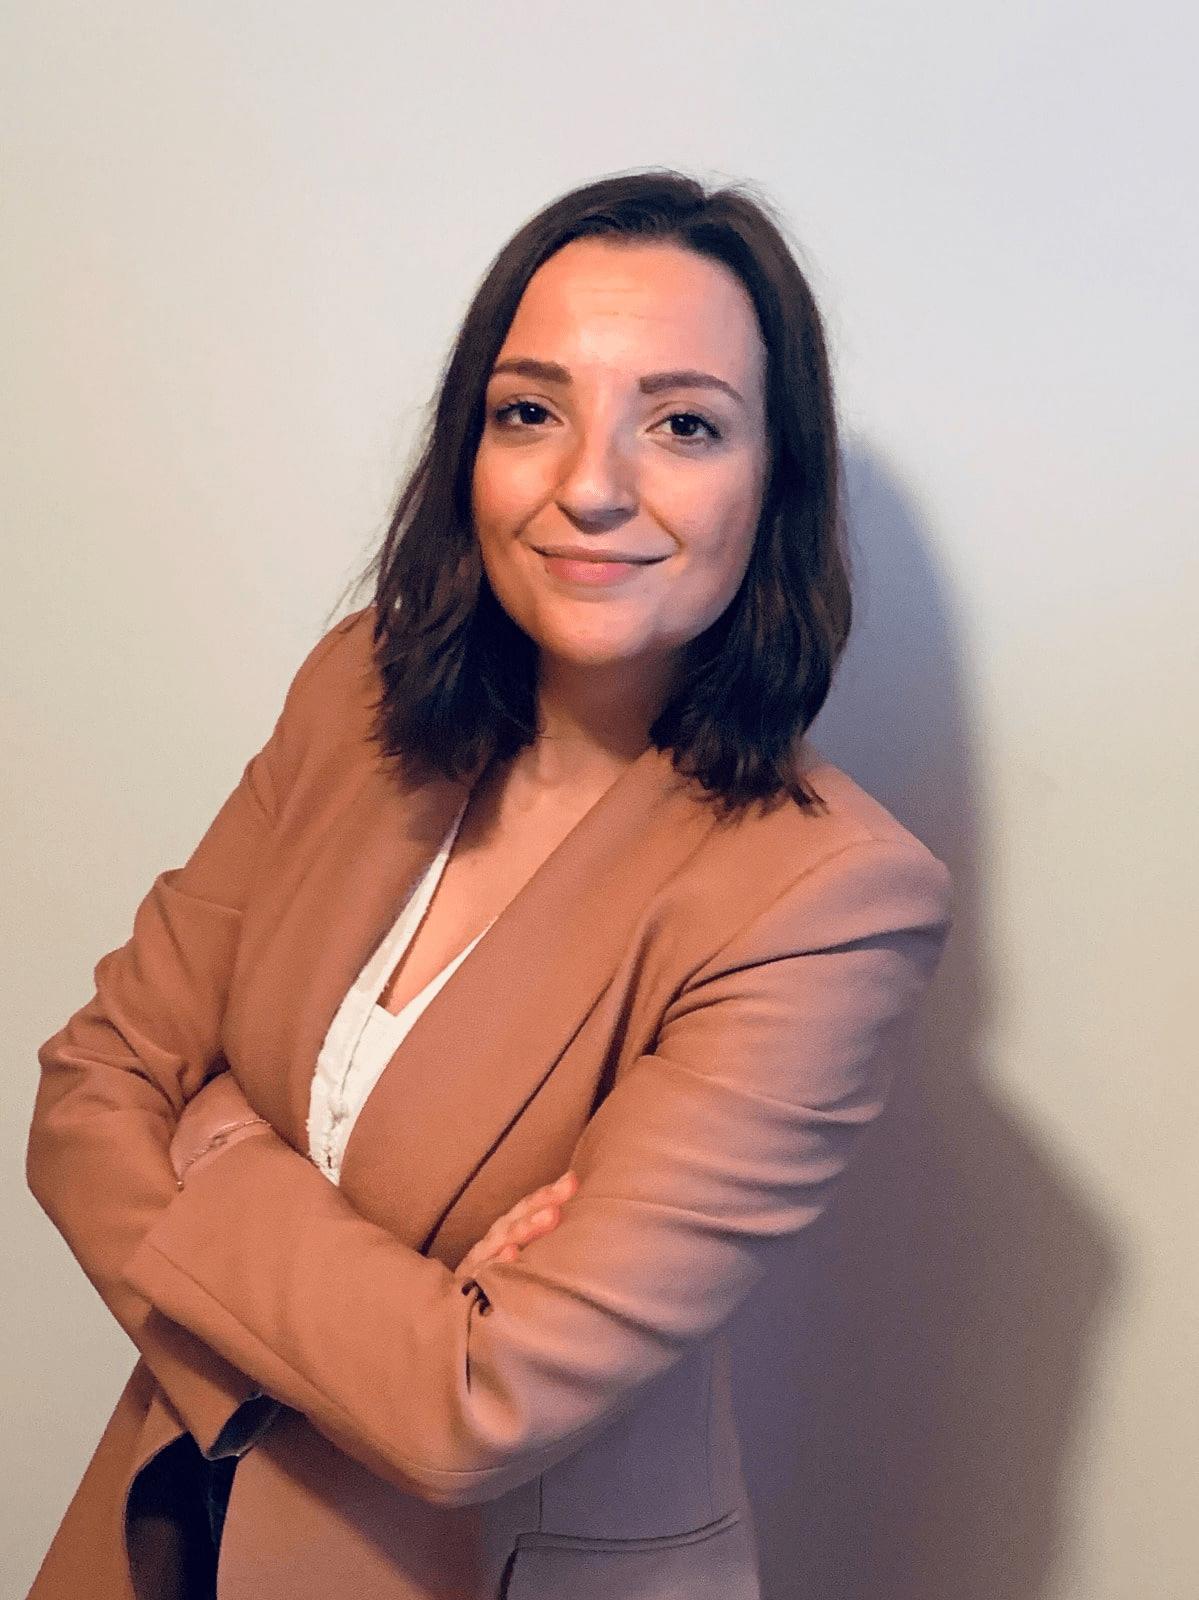 """Leire Crespo, VP Legal de Bnext, elegida como uno de los talentos que forman parte de """"The Nova 111 List"""""""